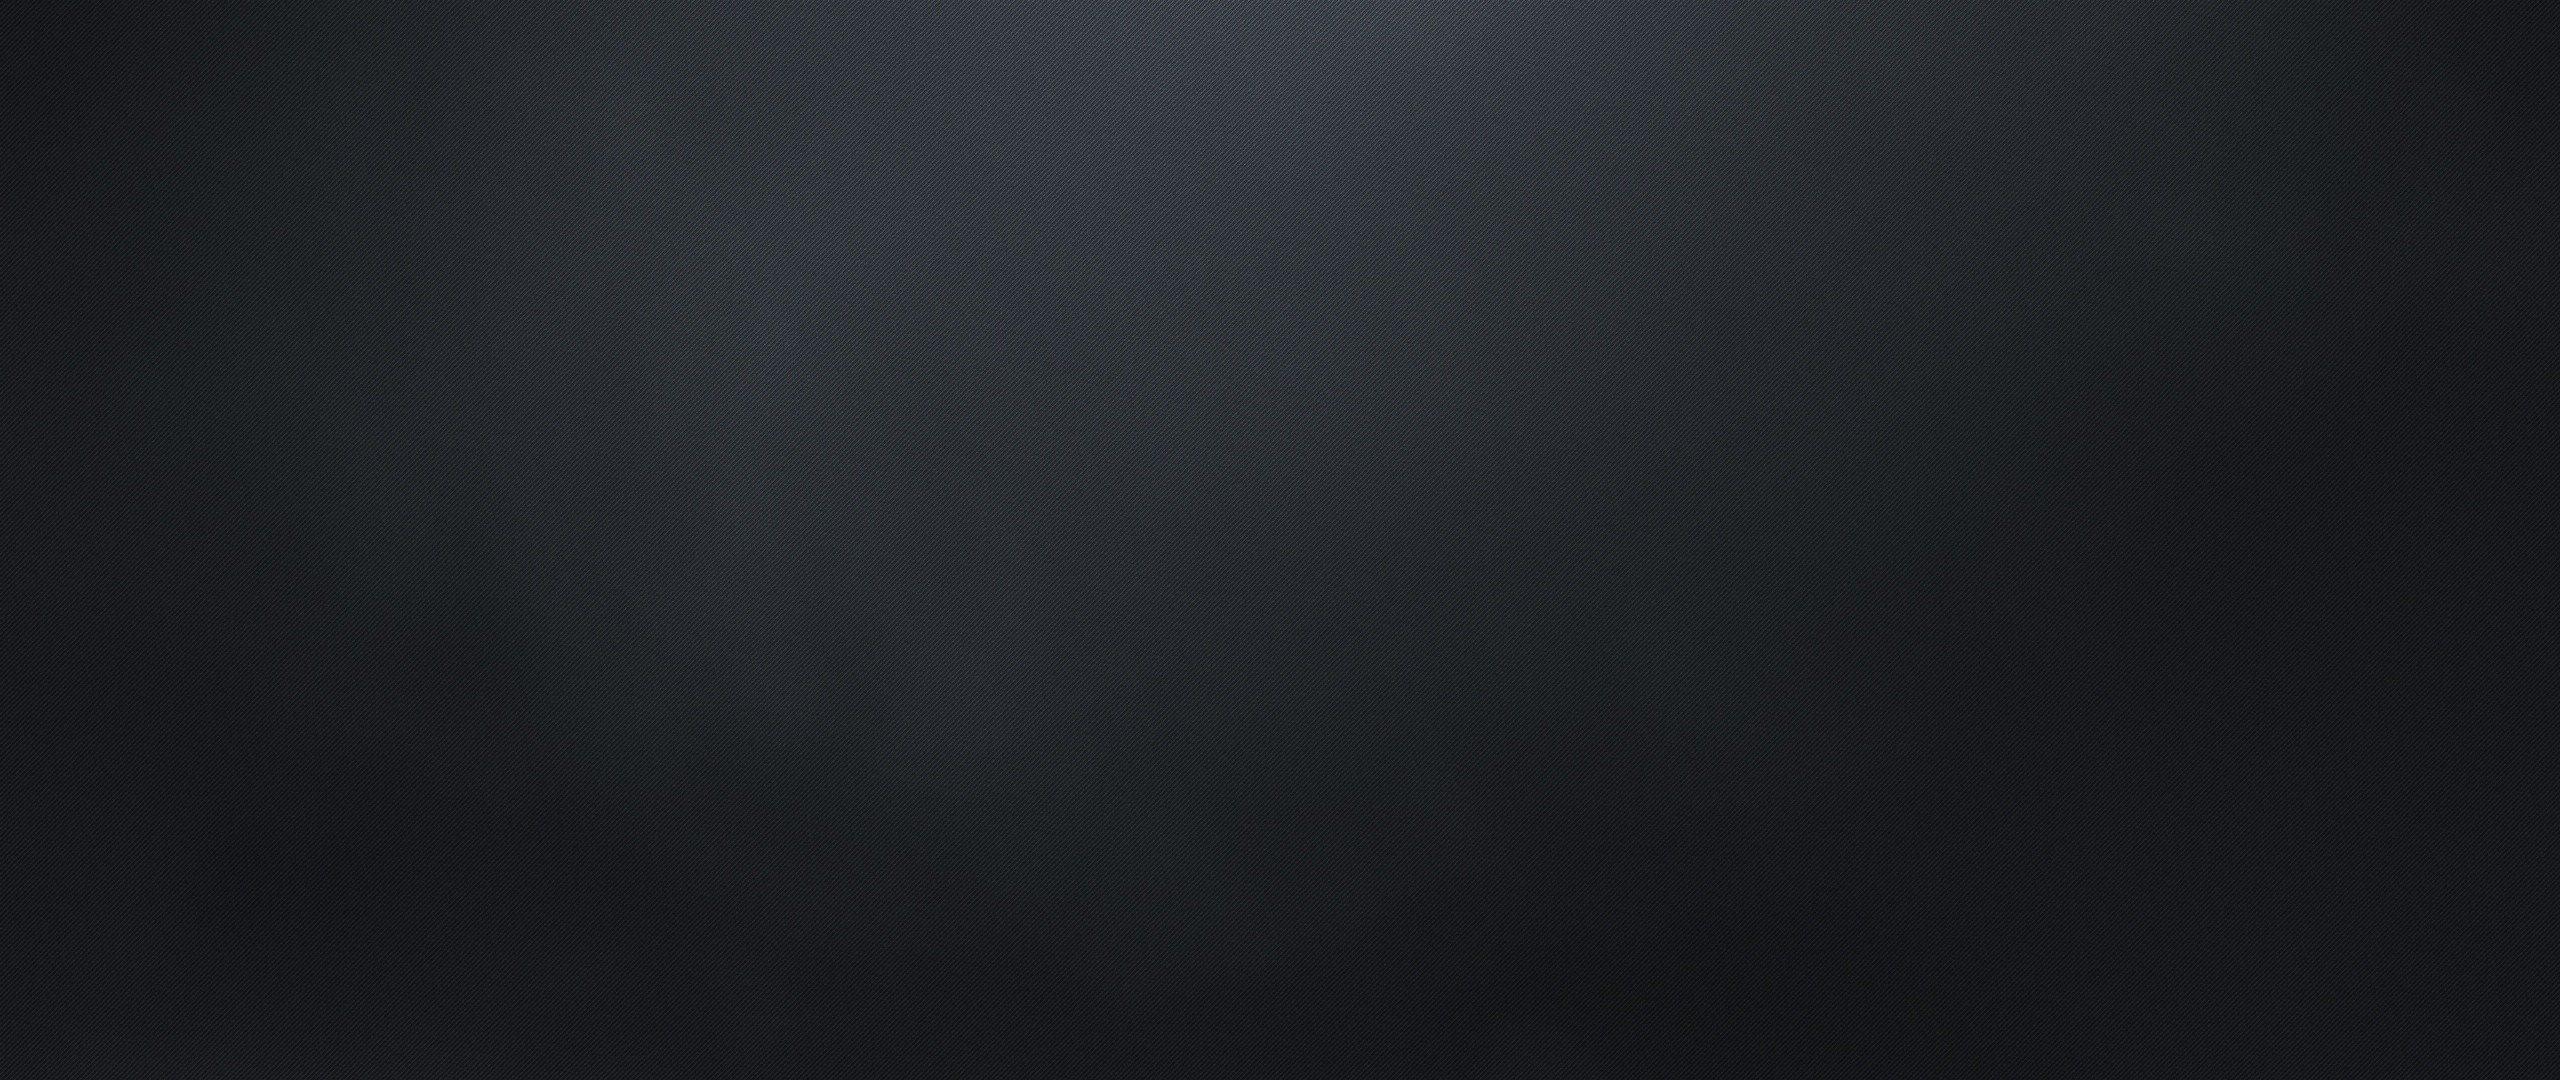 2560x1080 đen, Chủ nghĩa tối giản Hình nền có độ phân giải cao / Nền máy tính để bàn và điện thoại di động